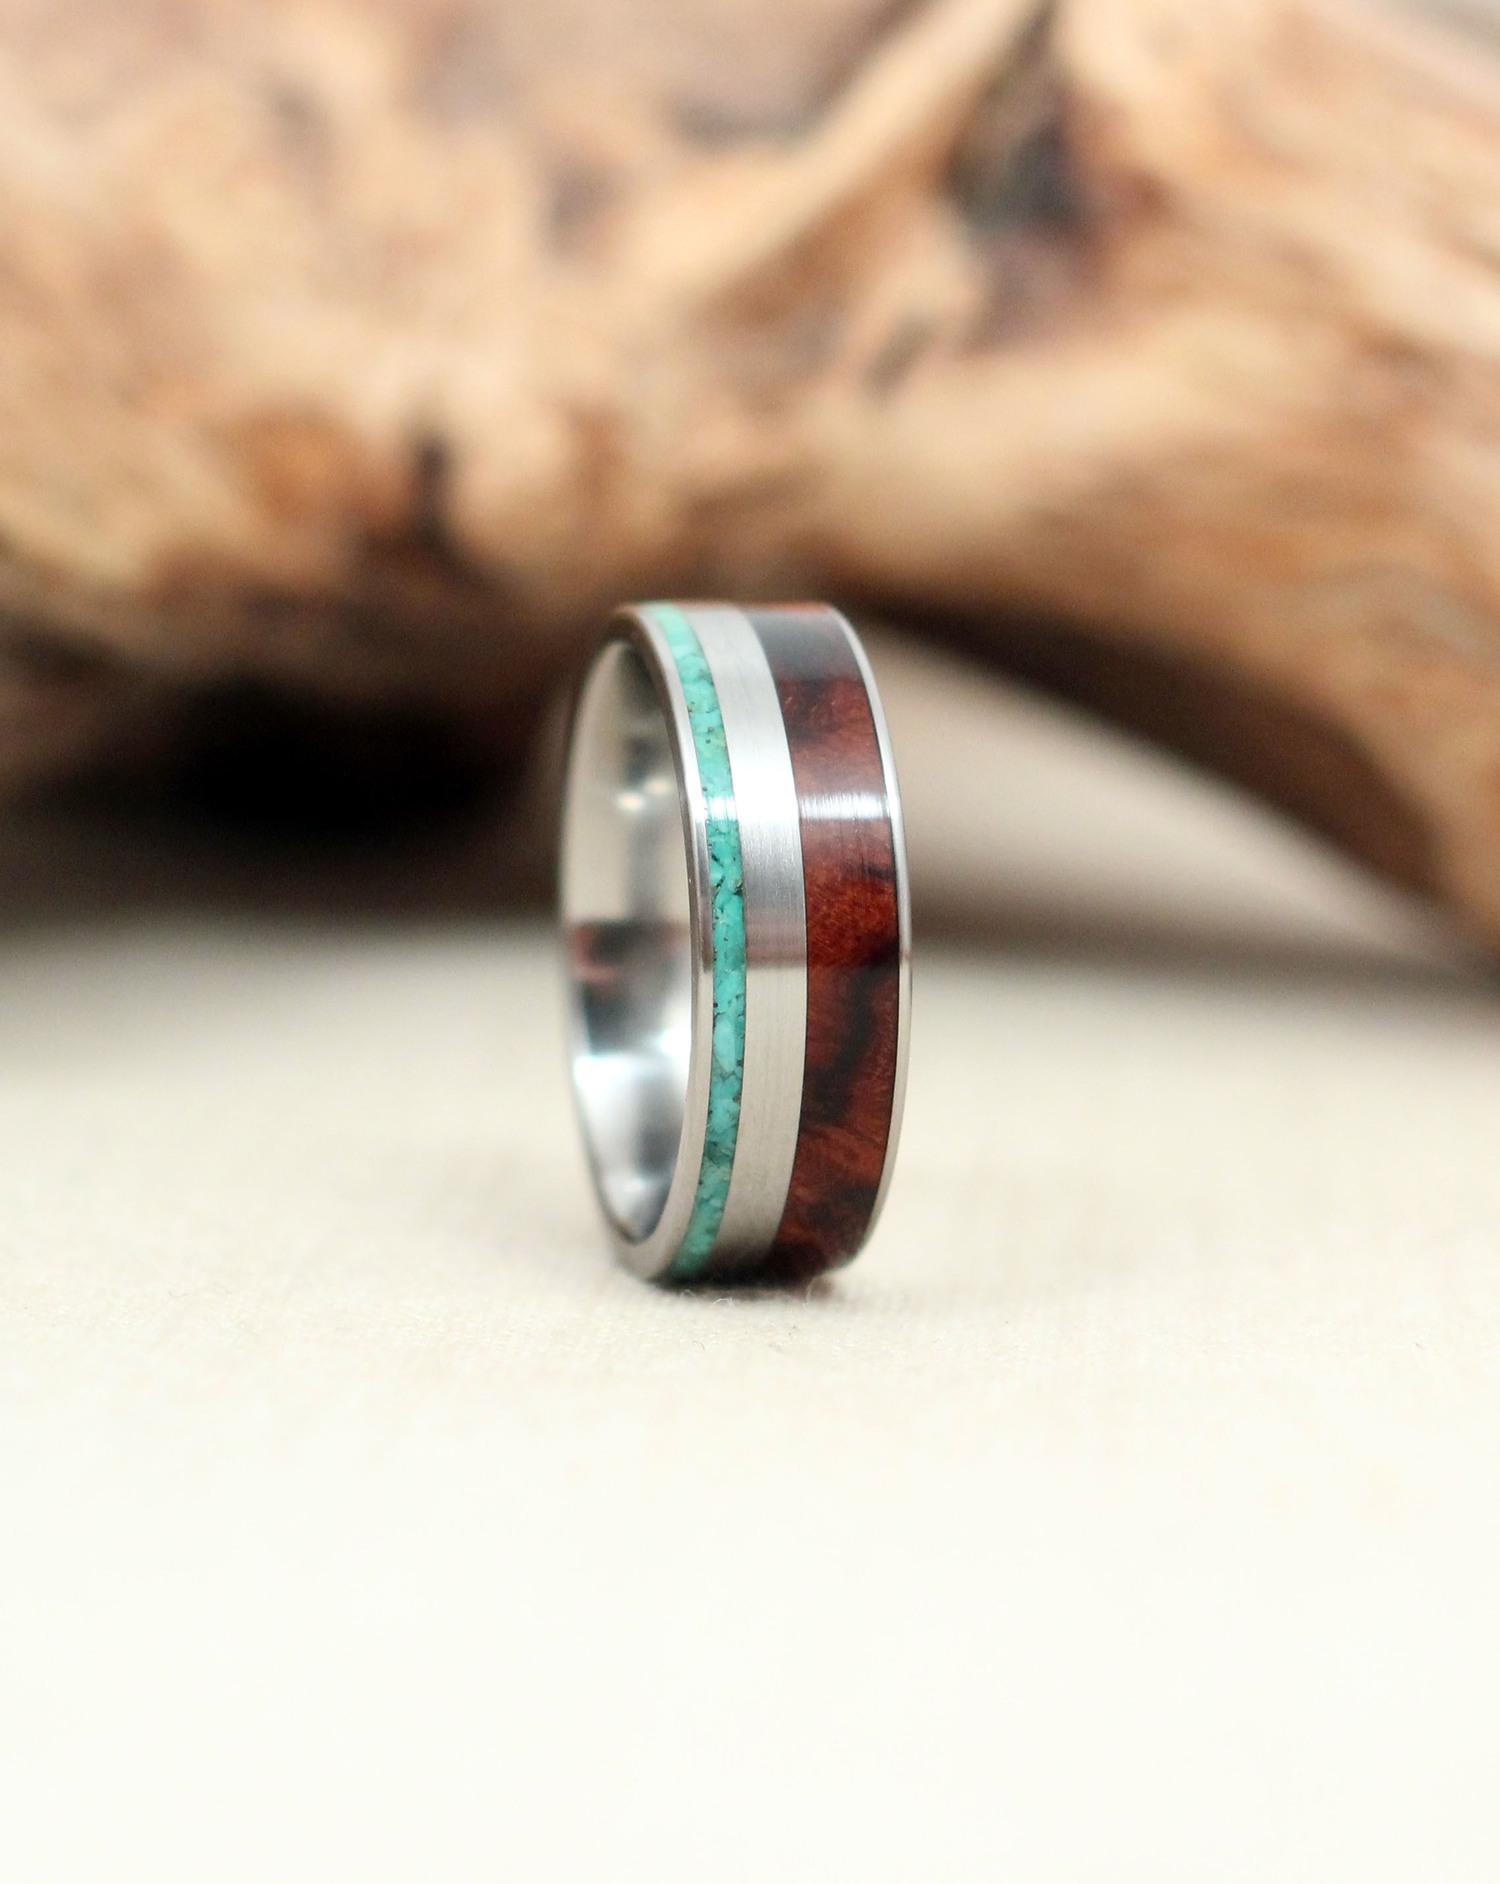 Arizona Desert Ironwood Burl and Turquoise Wood Ring